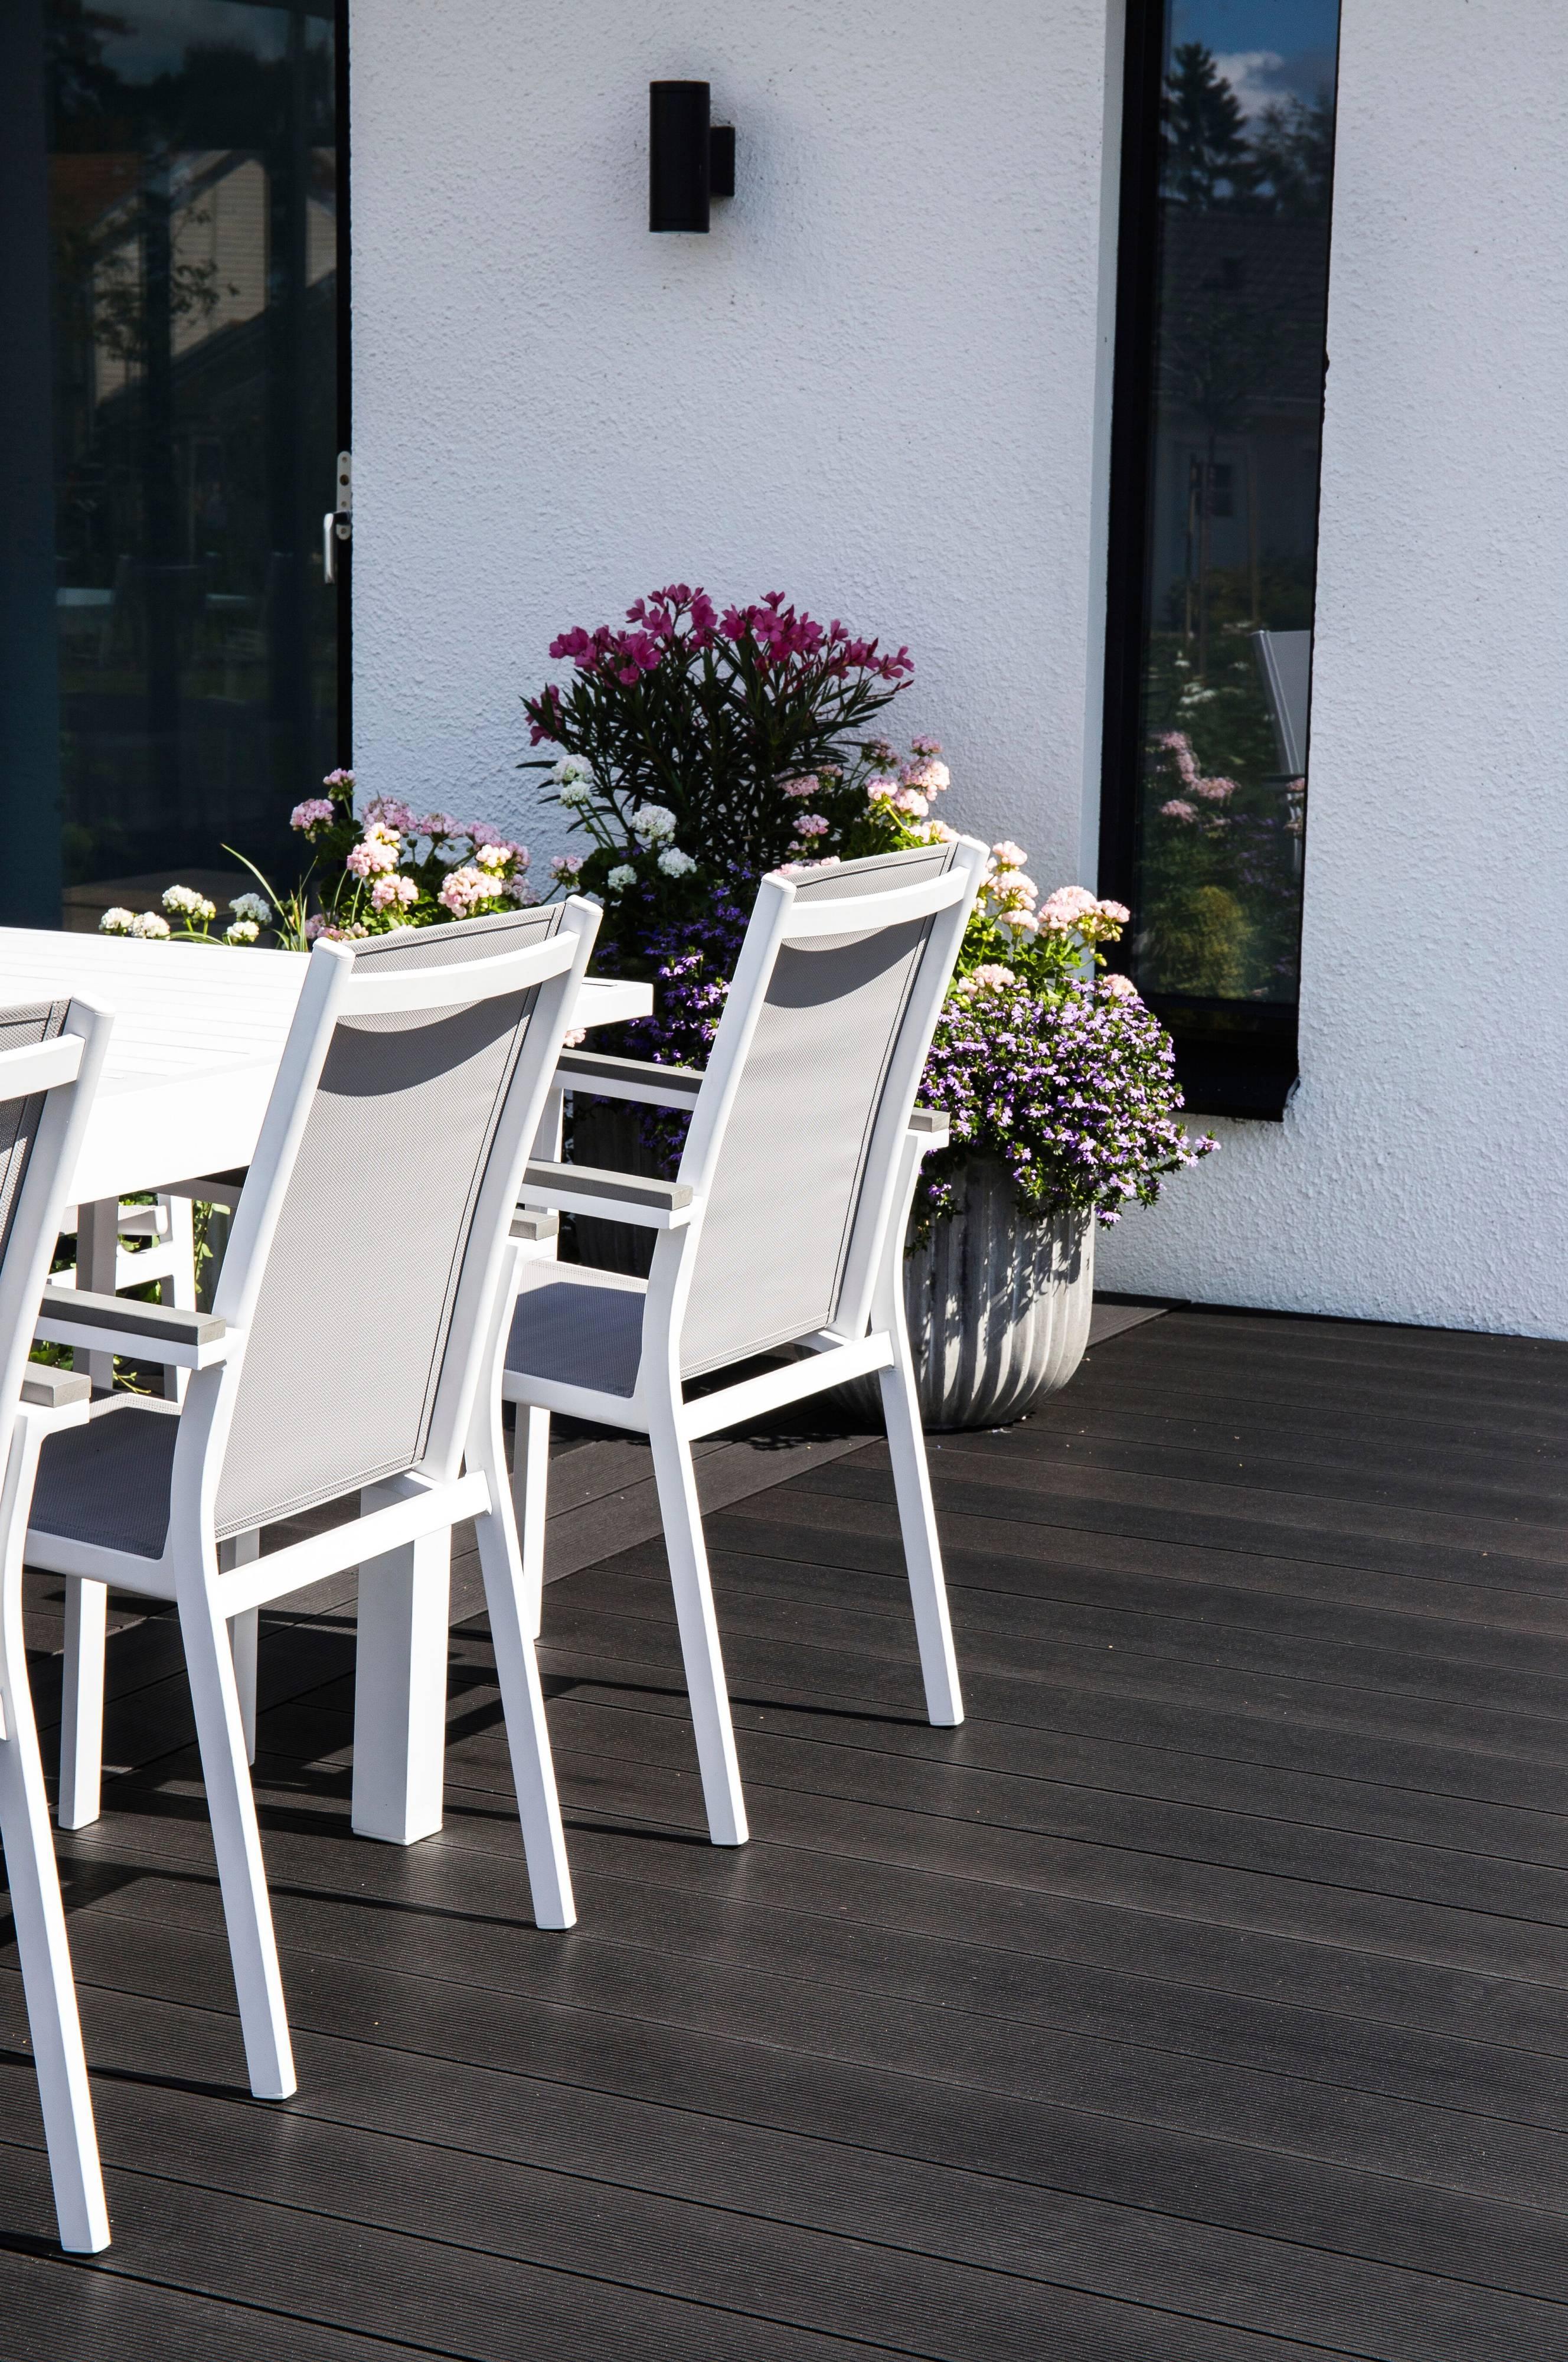 NORDFORM Spisegruppe Marbella Parma, 4 stoler Hvit